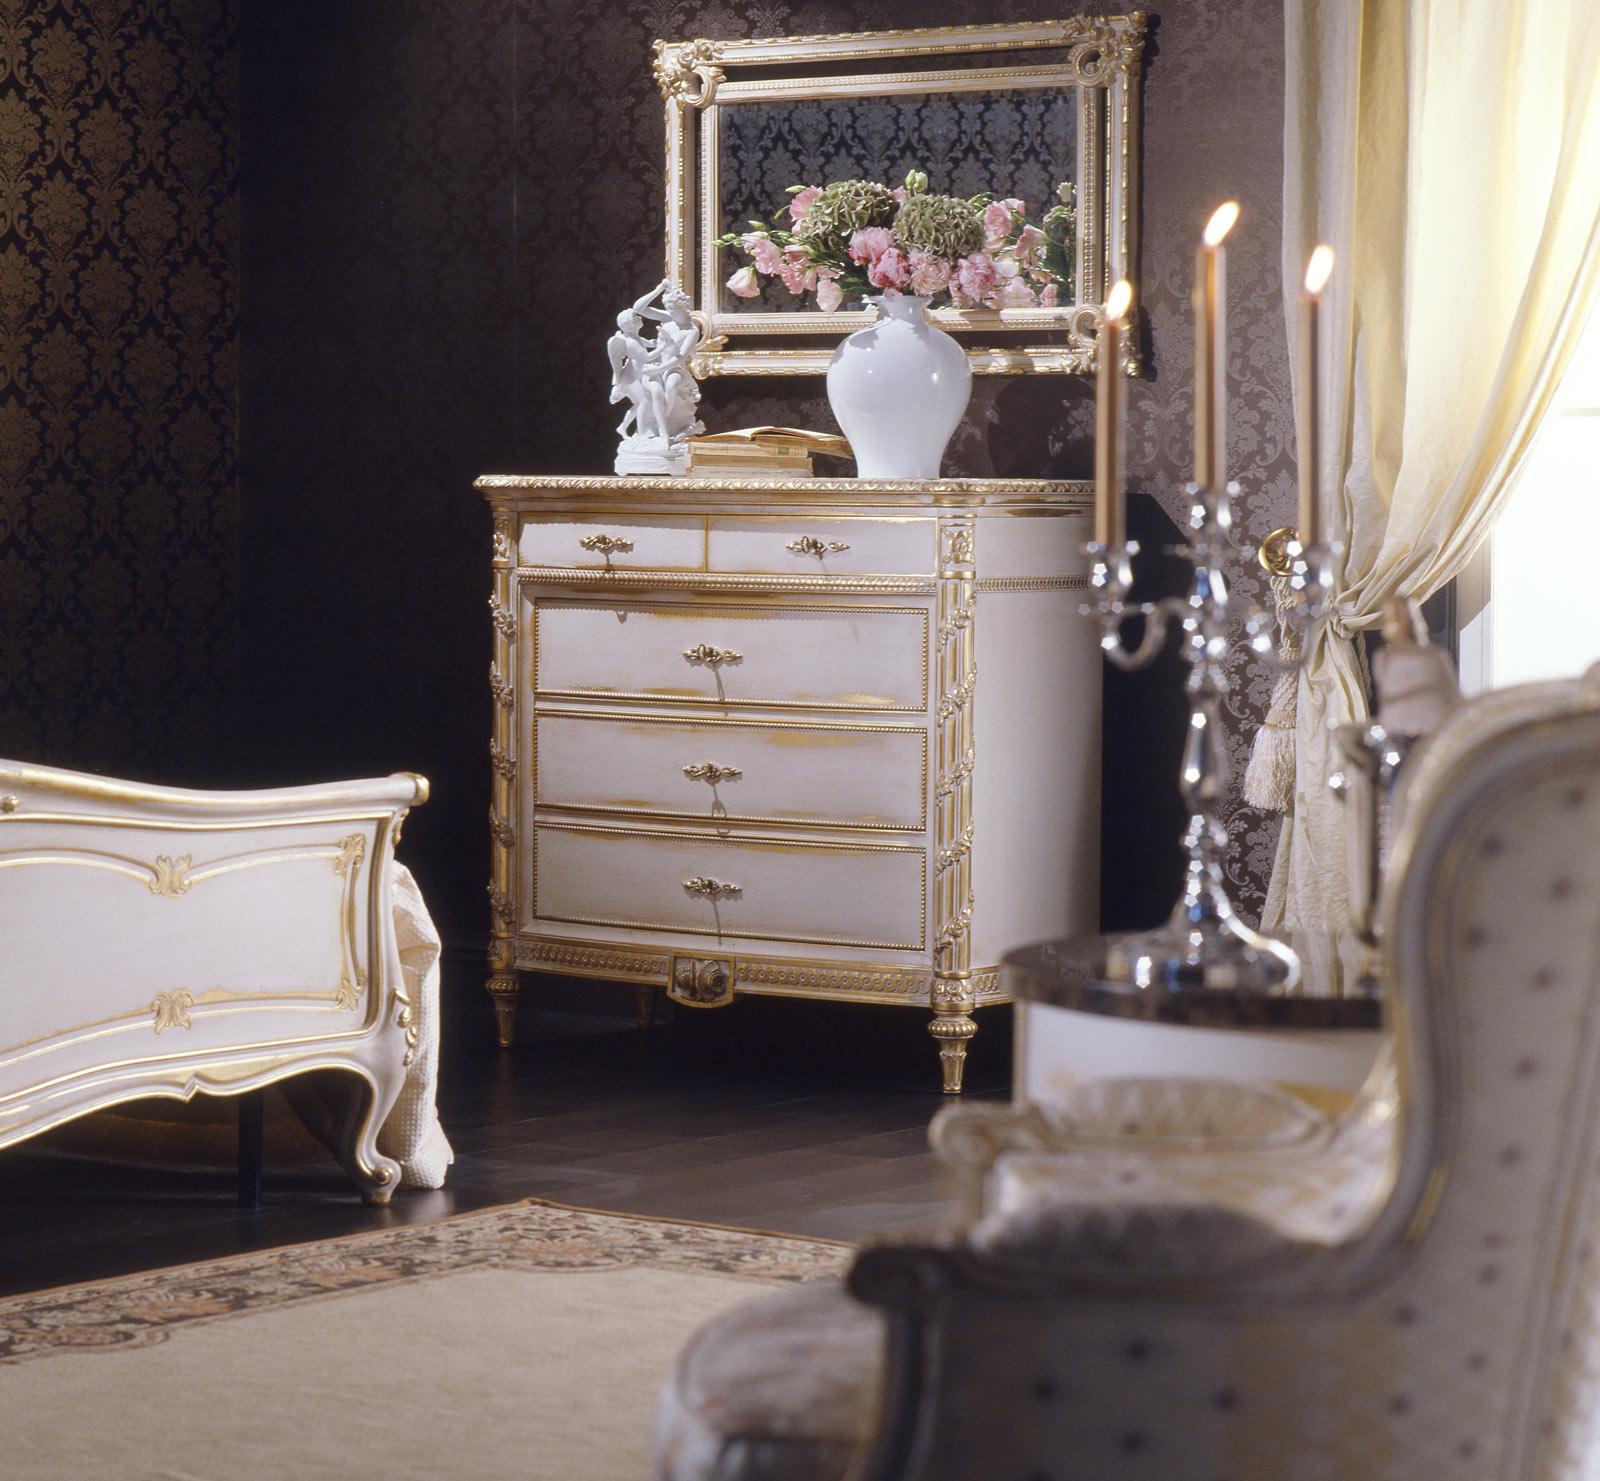 chambre coucher classique dans le style louis xvi lit commode miroir avec finition blanc. Black Bedroom Furniture Sets. Home Design Ideas